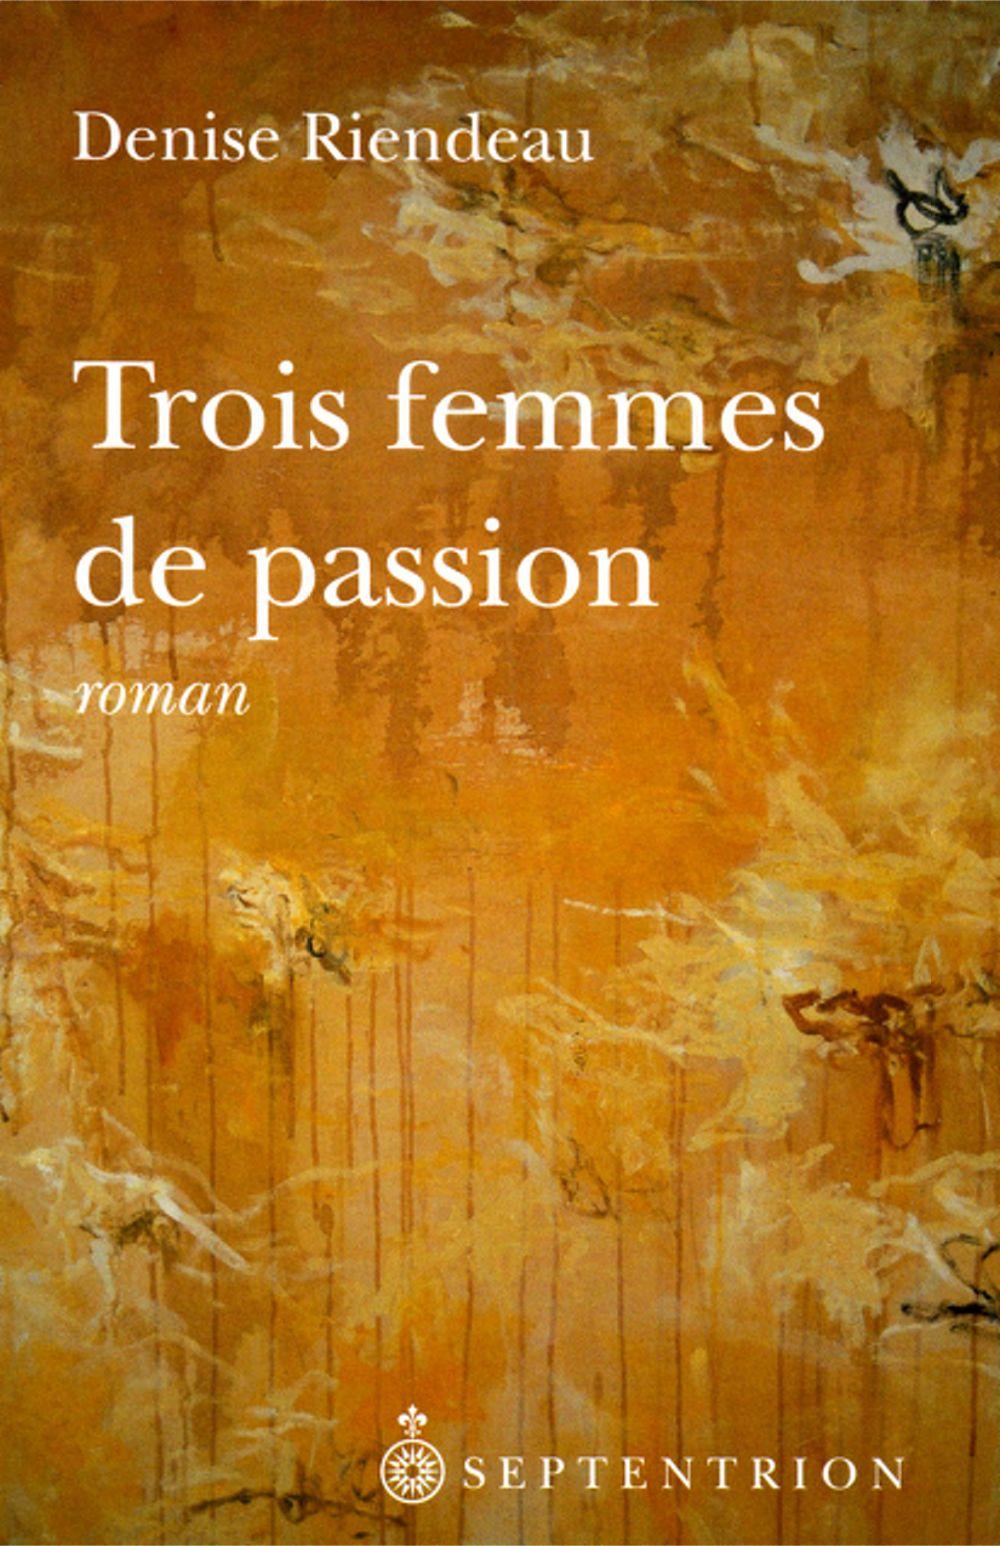 Trois femmes de passion